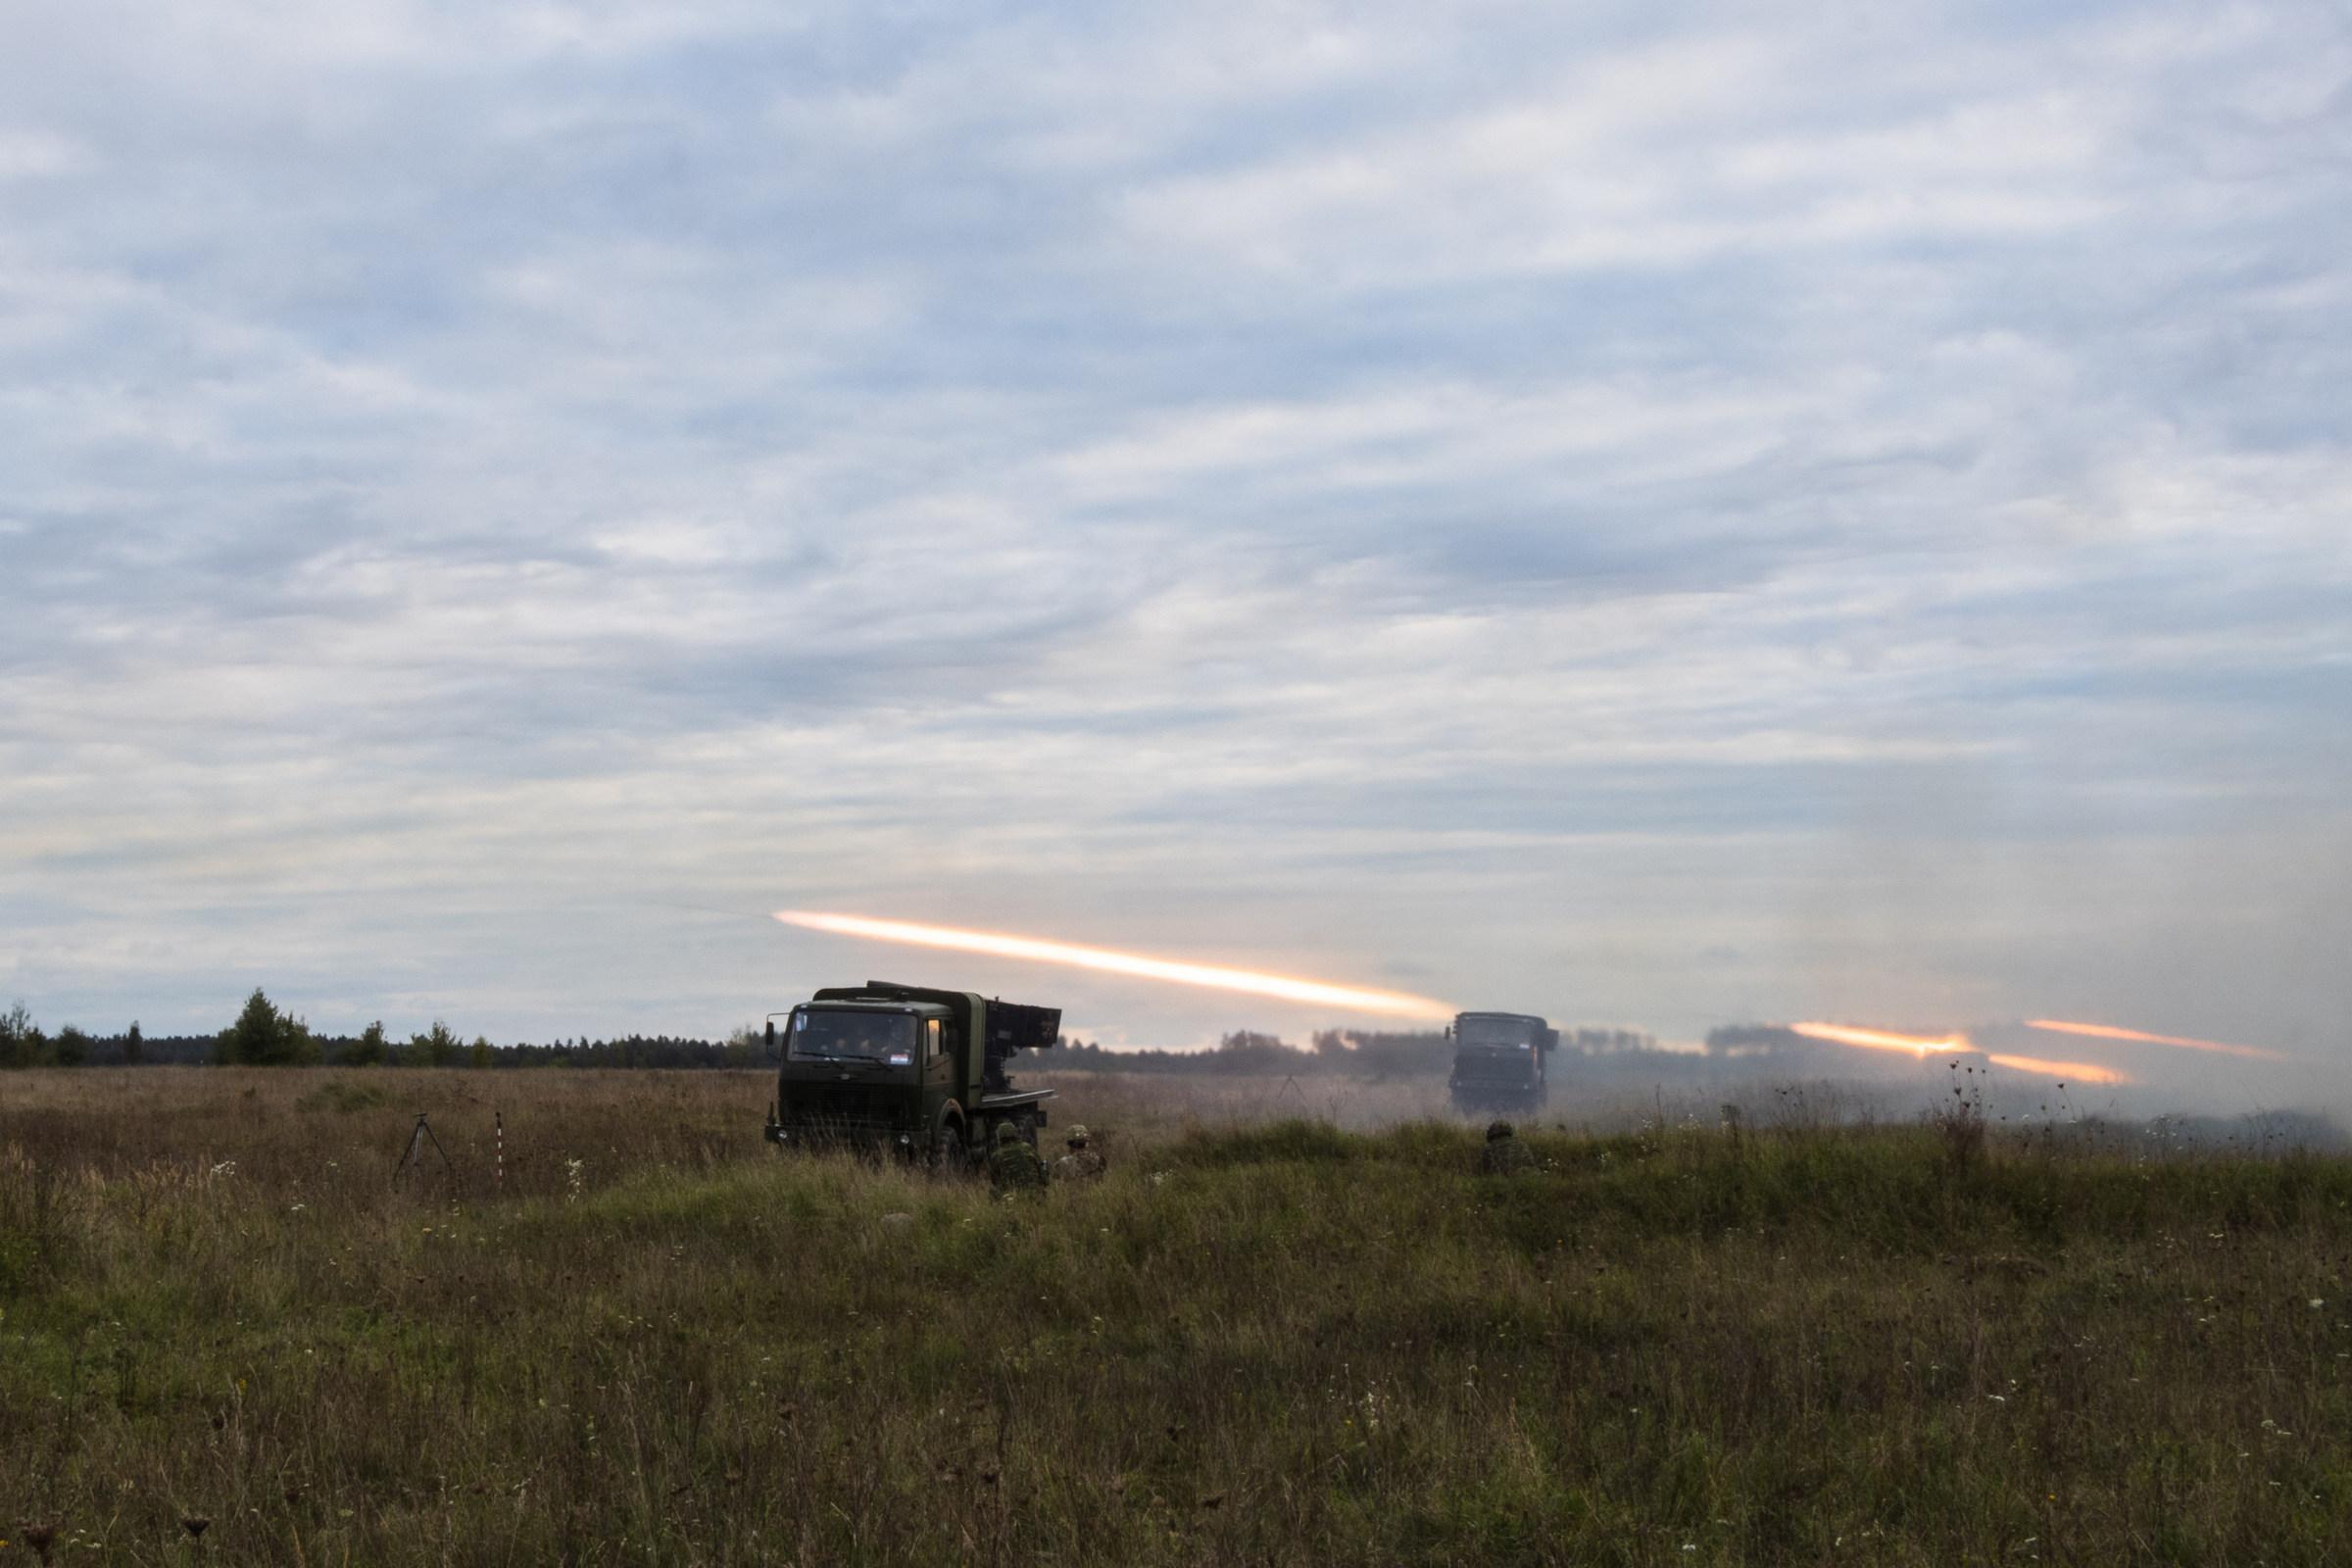 HRVCON u Poljskoj proveo topničko bojevo gađanje